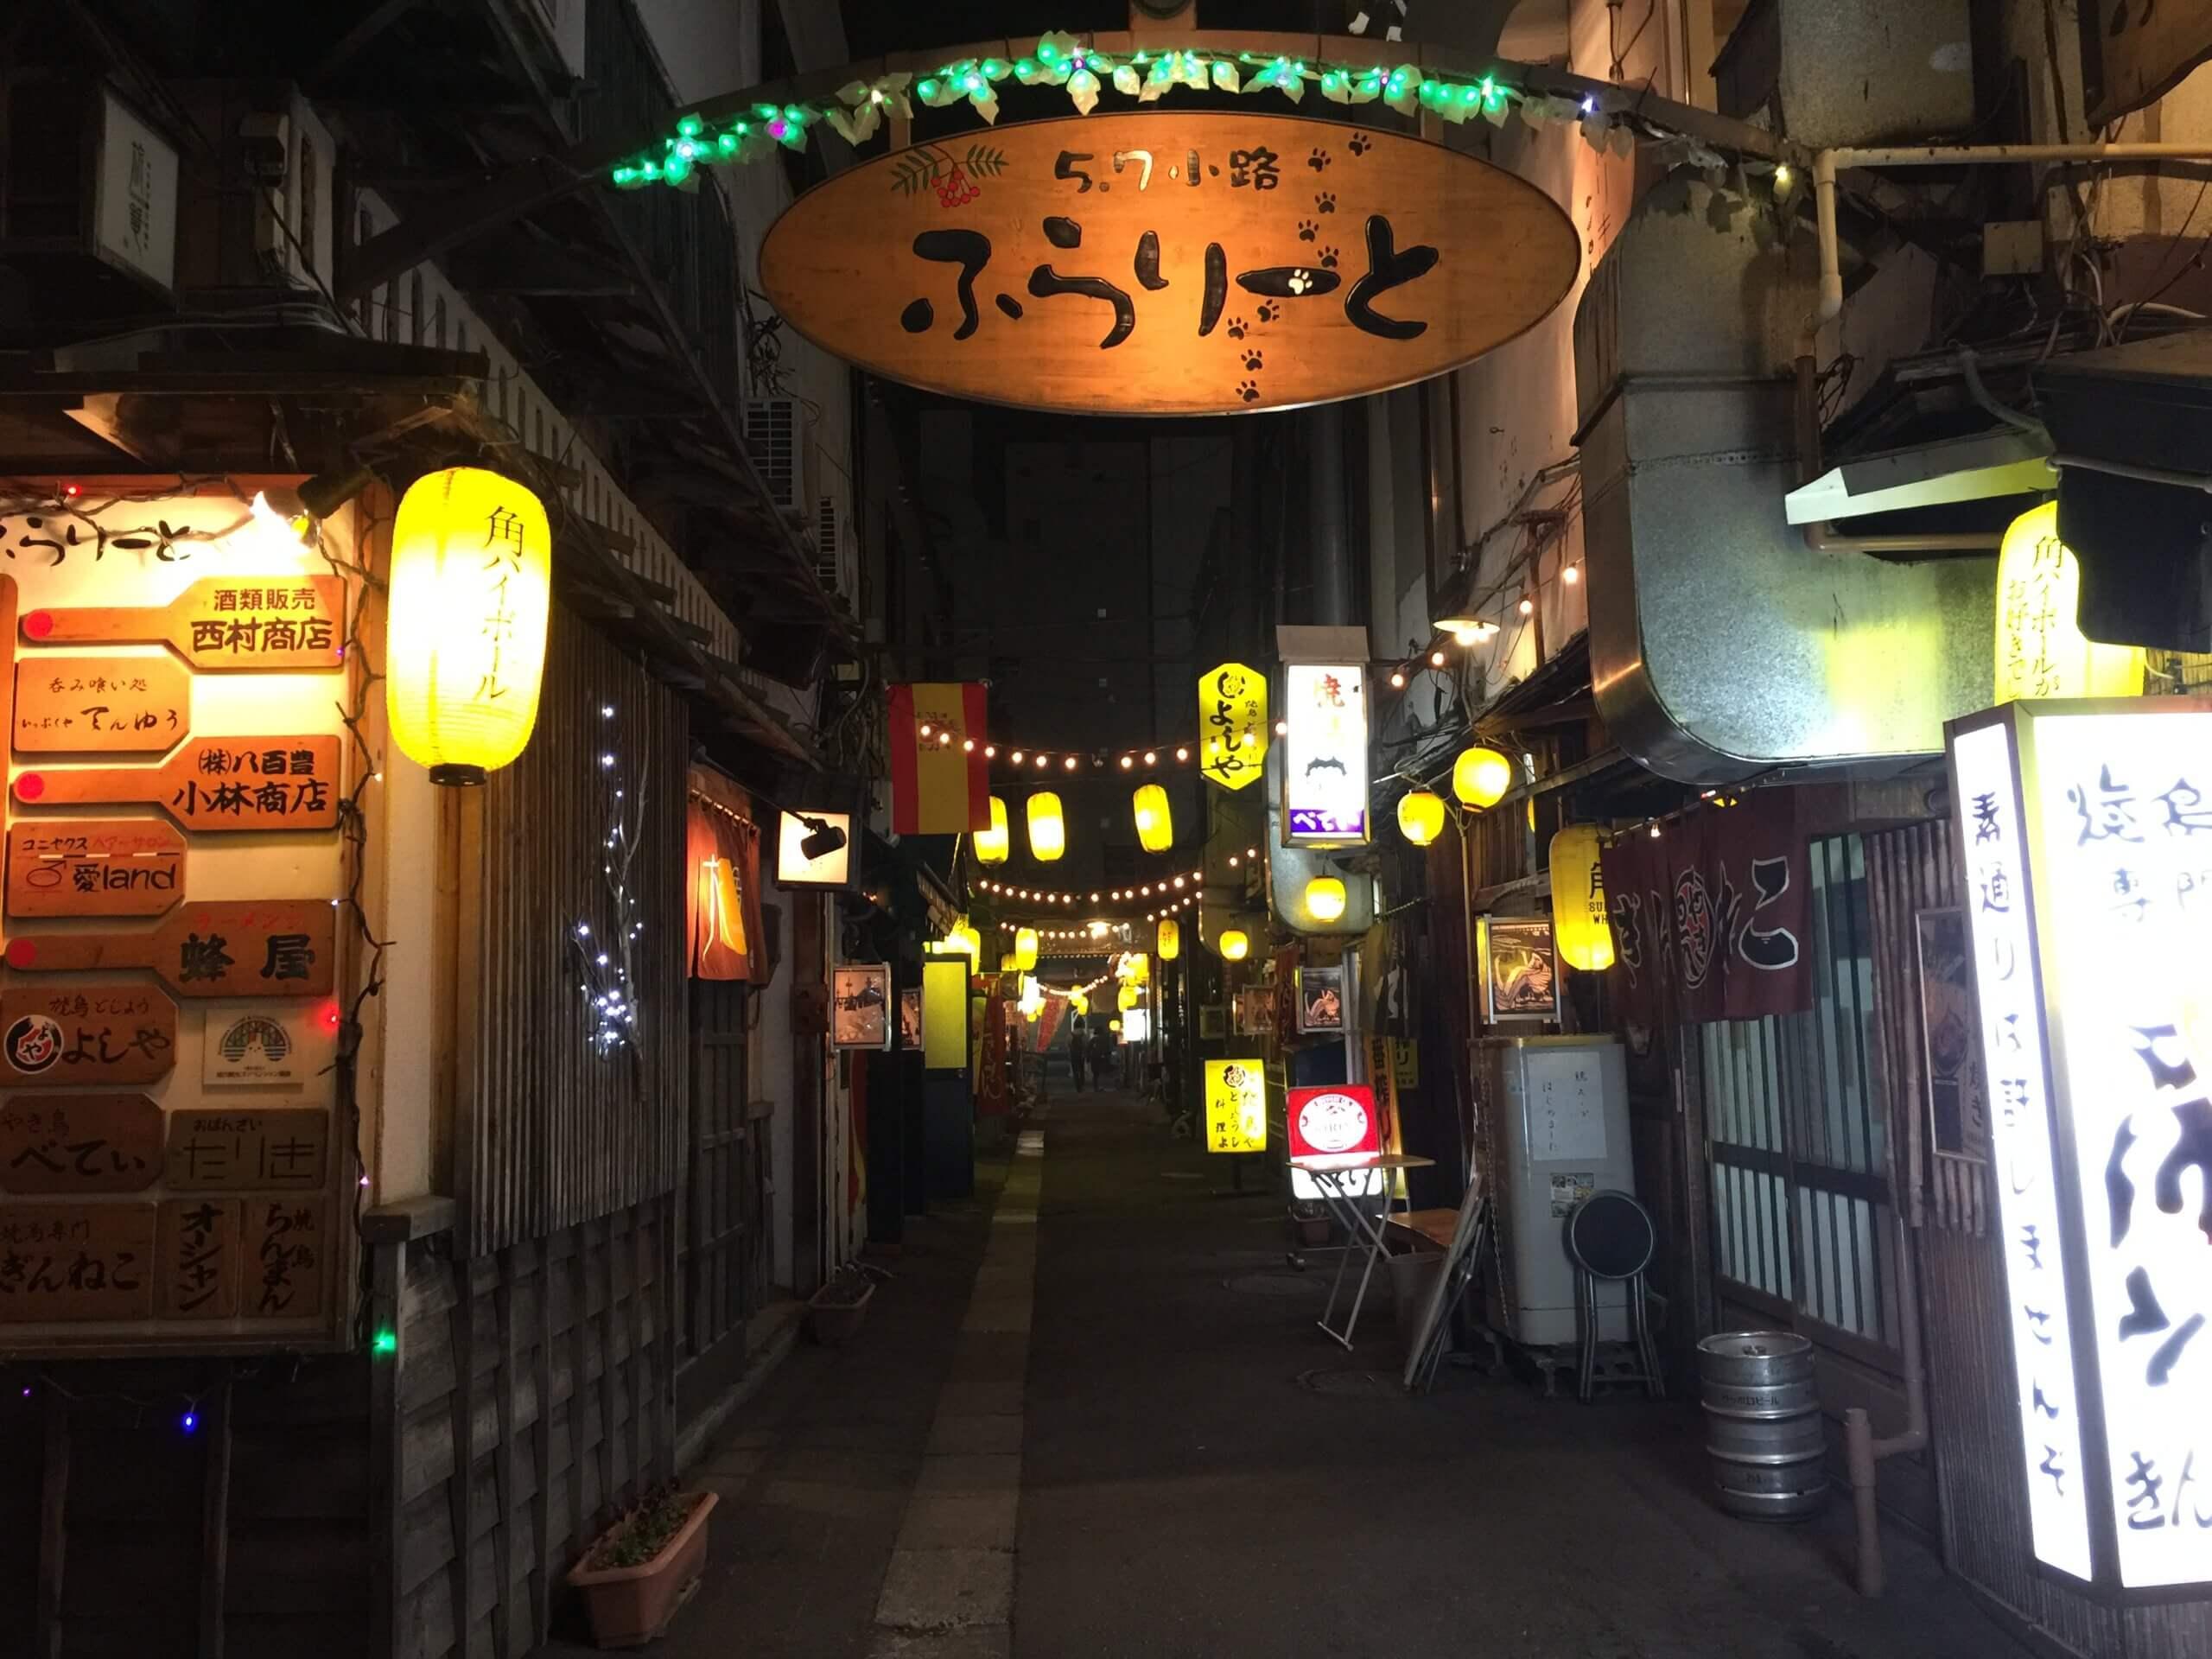 旭川5・7小路Furarito:旭川市消夜好去處